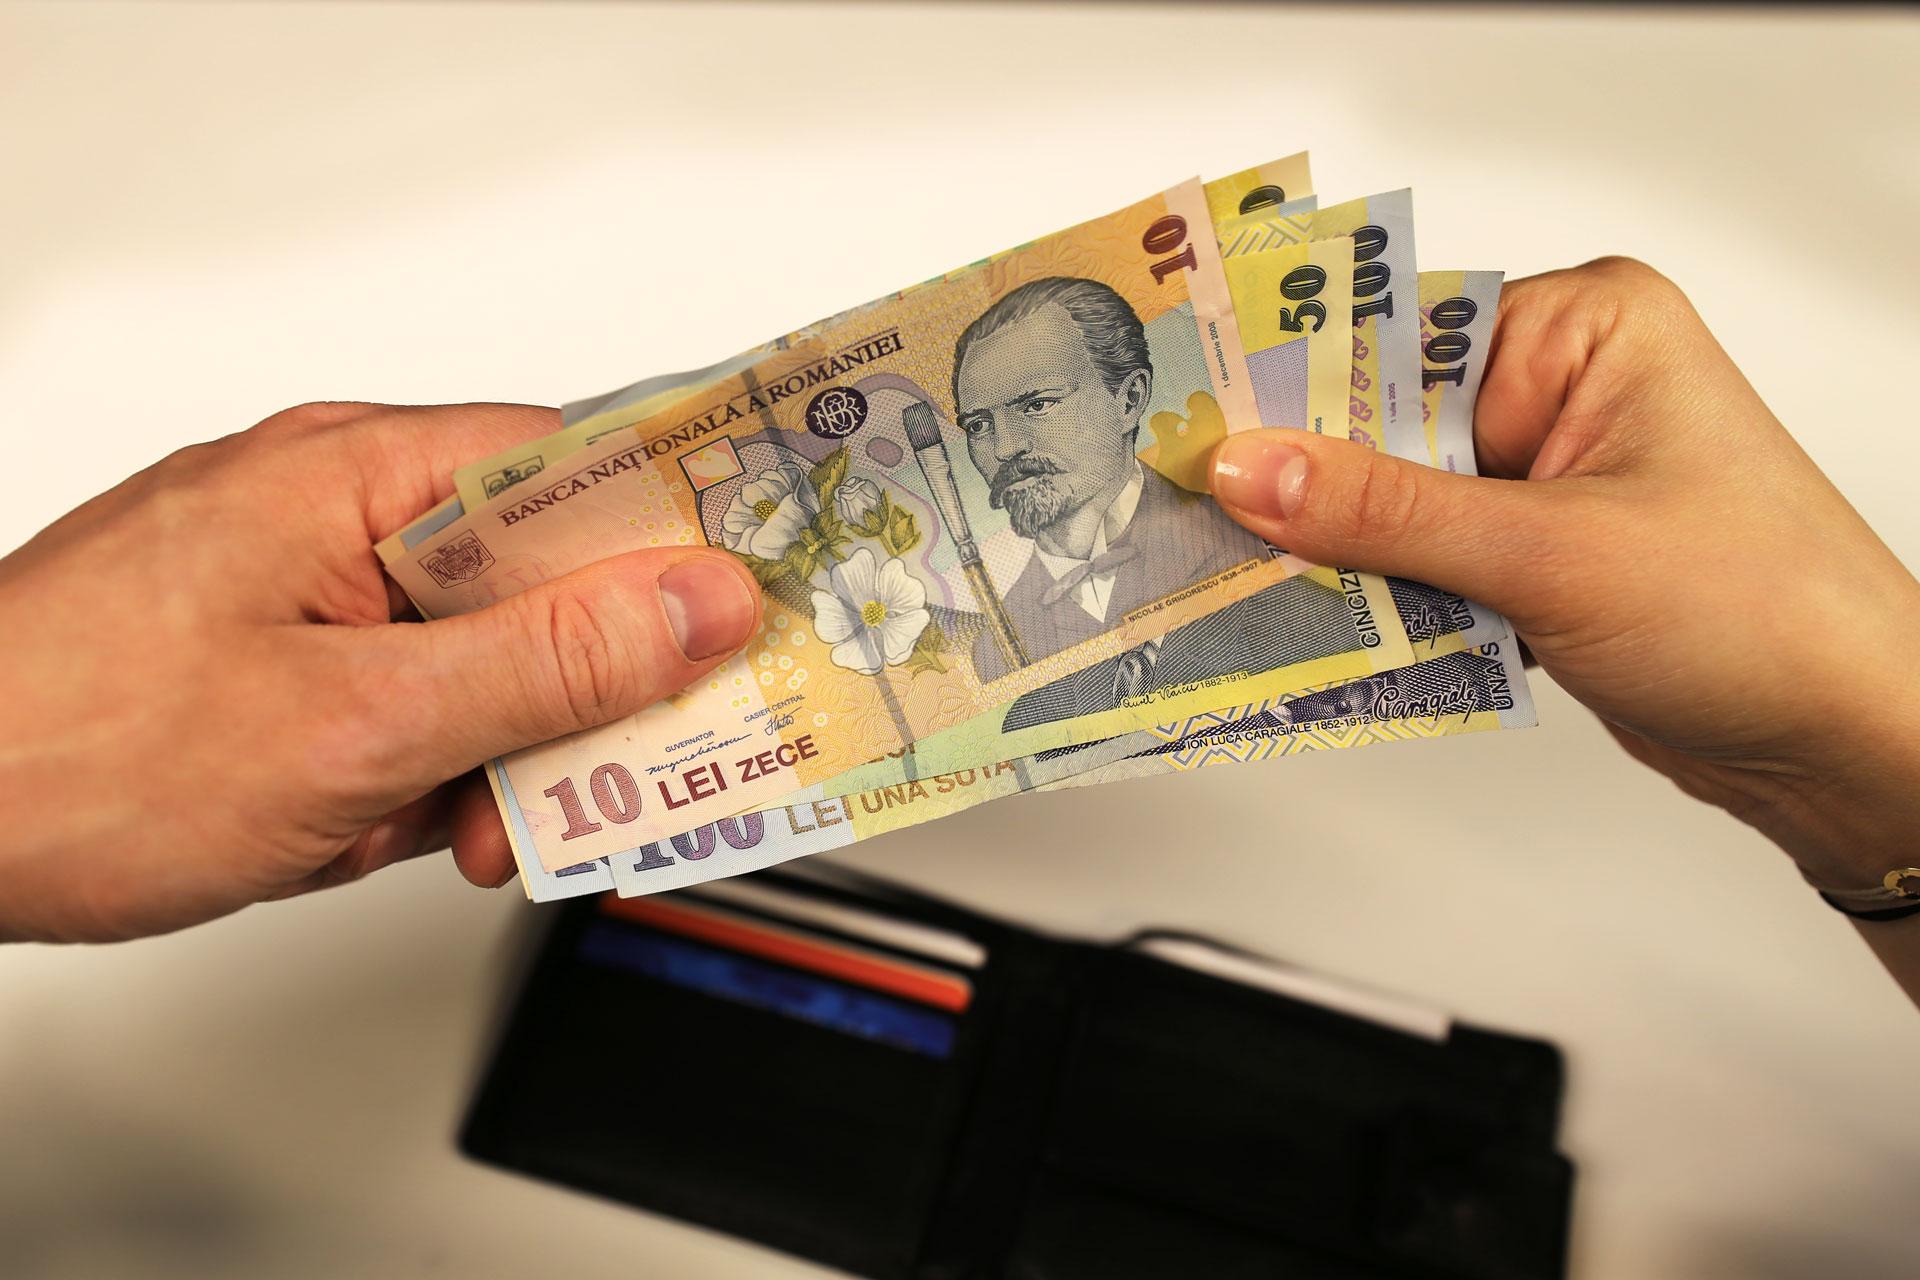 nu vrea să trăiască împreună vrea să facă bani)